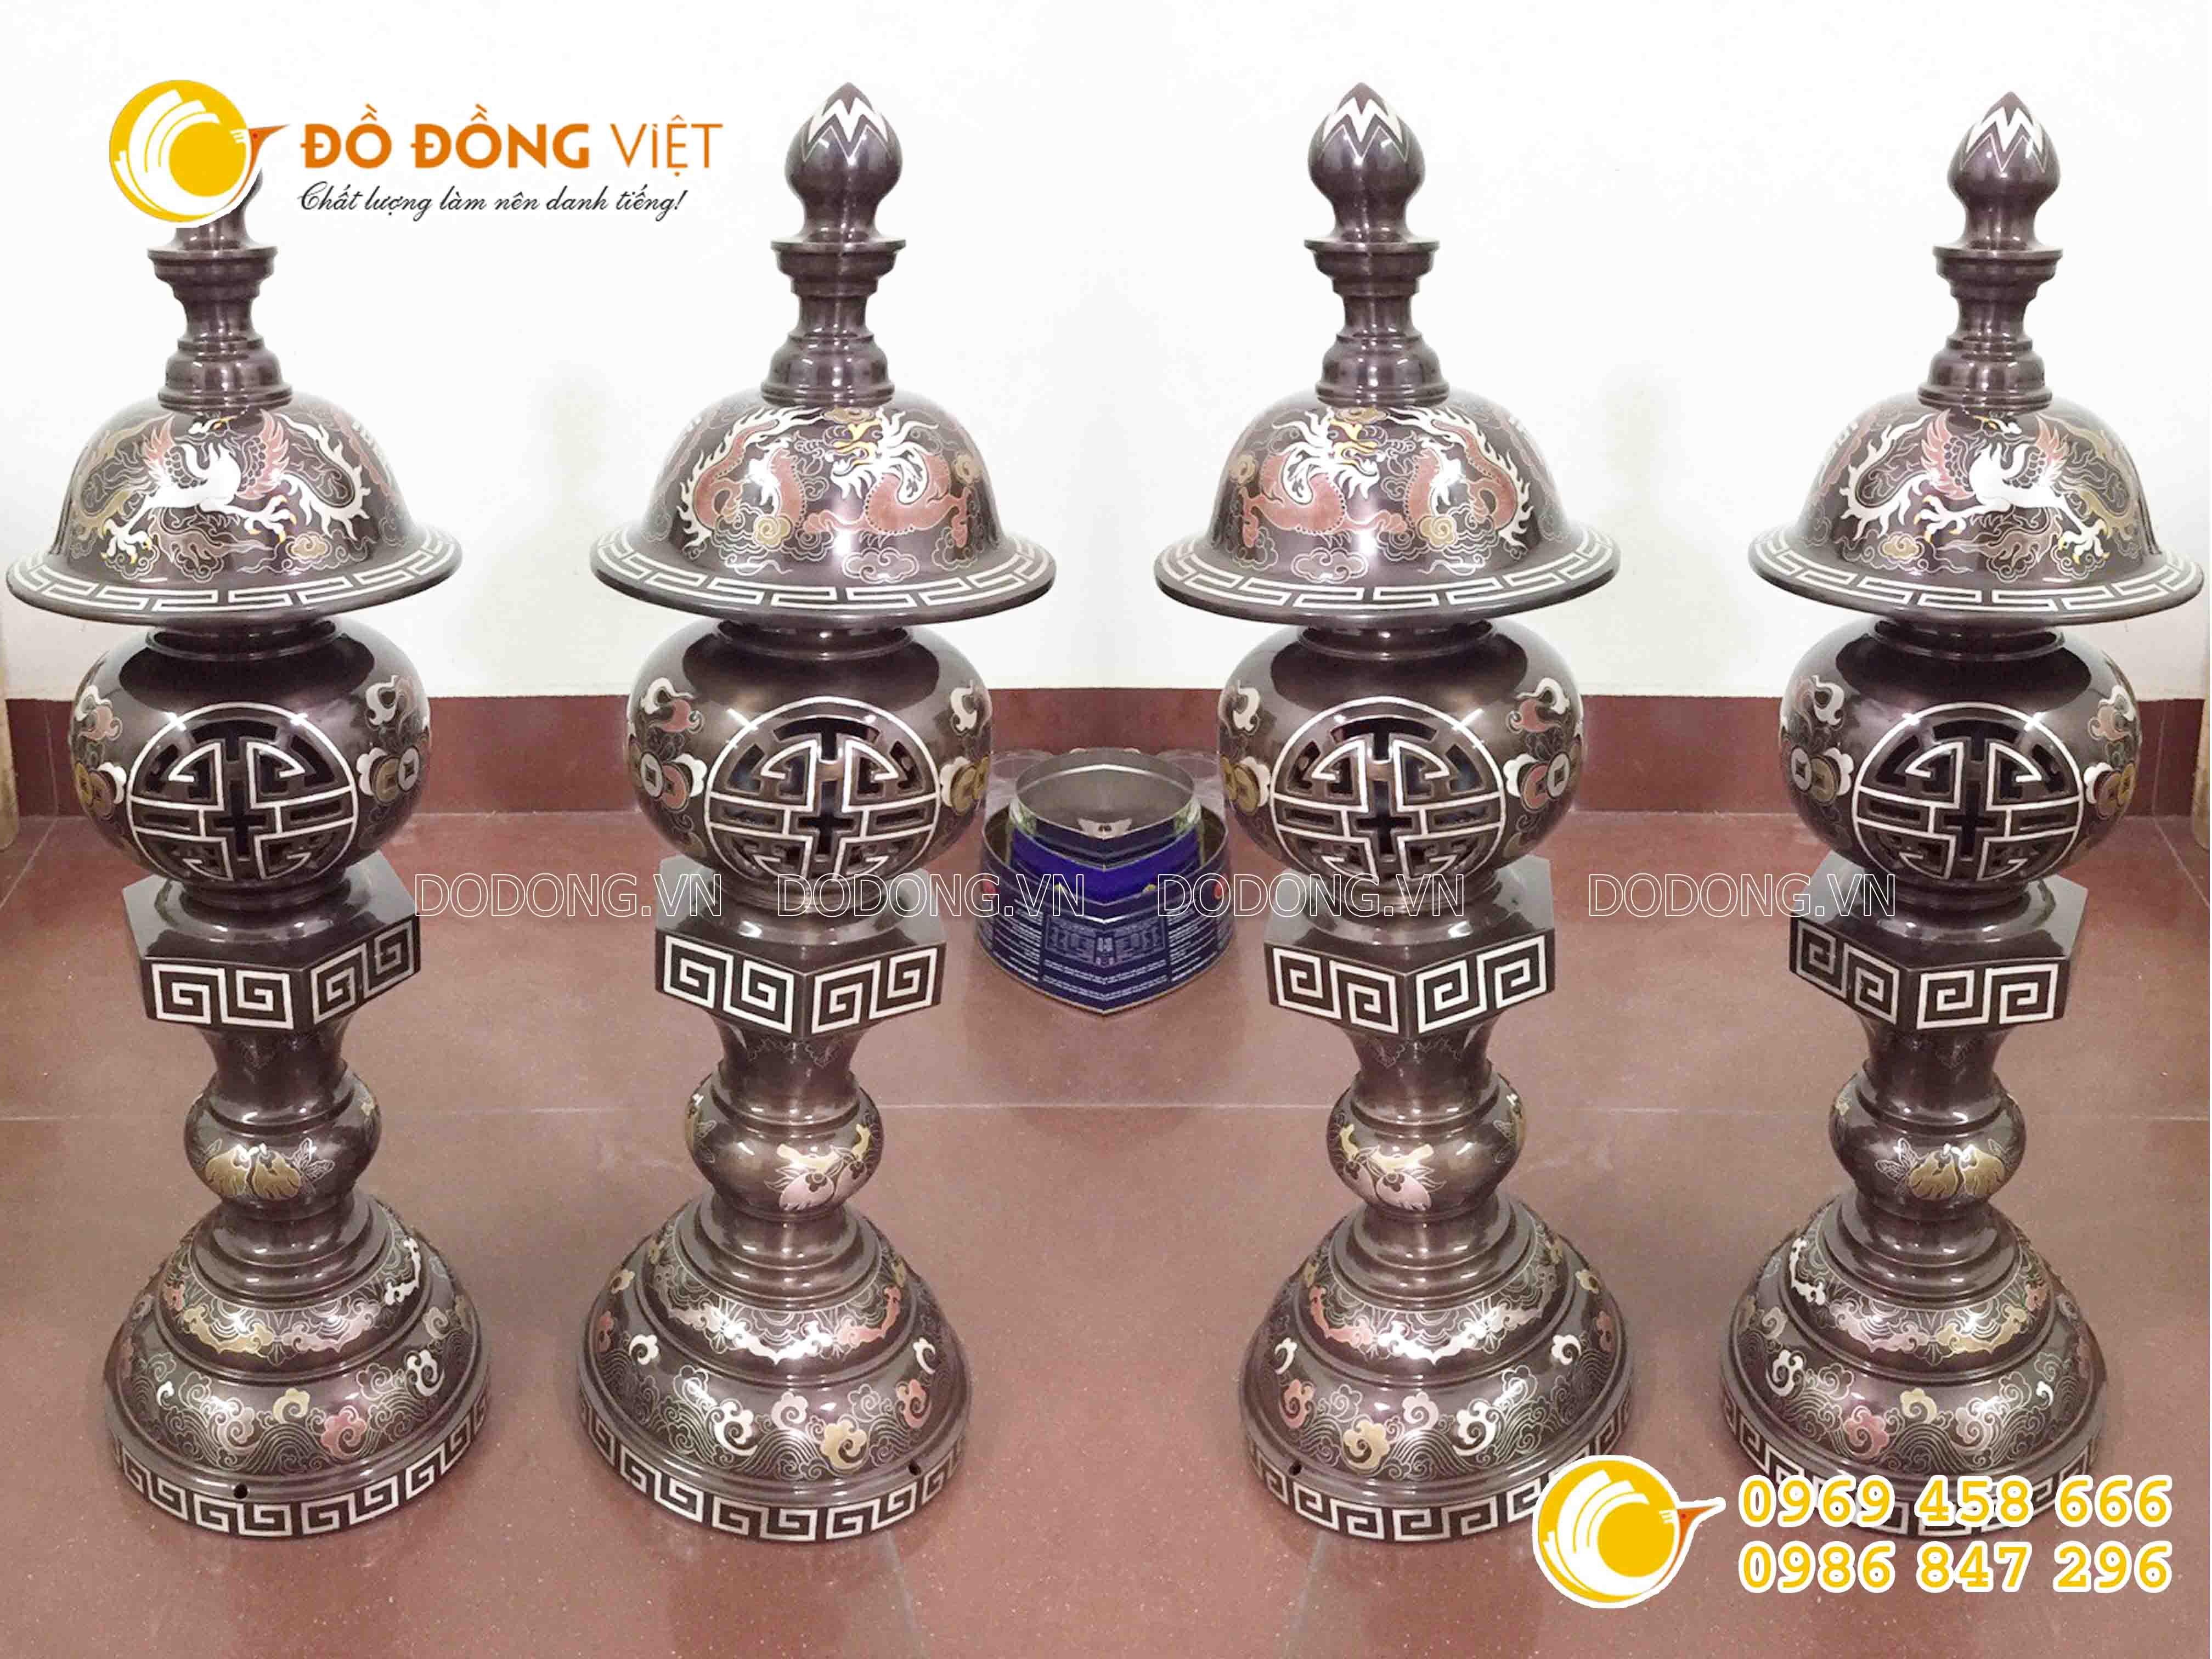 Đôi đèn đồng thờ cúng bằng đồng khảm ngũ sắc0